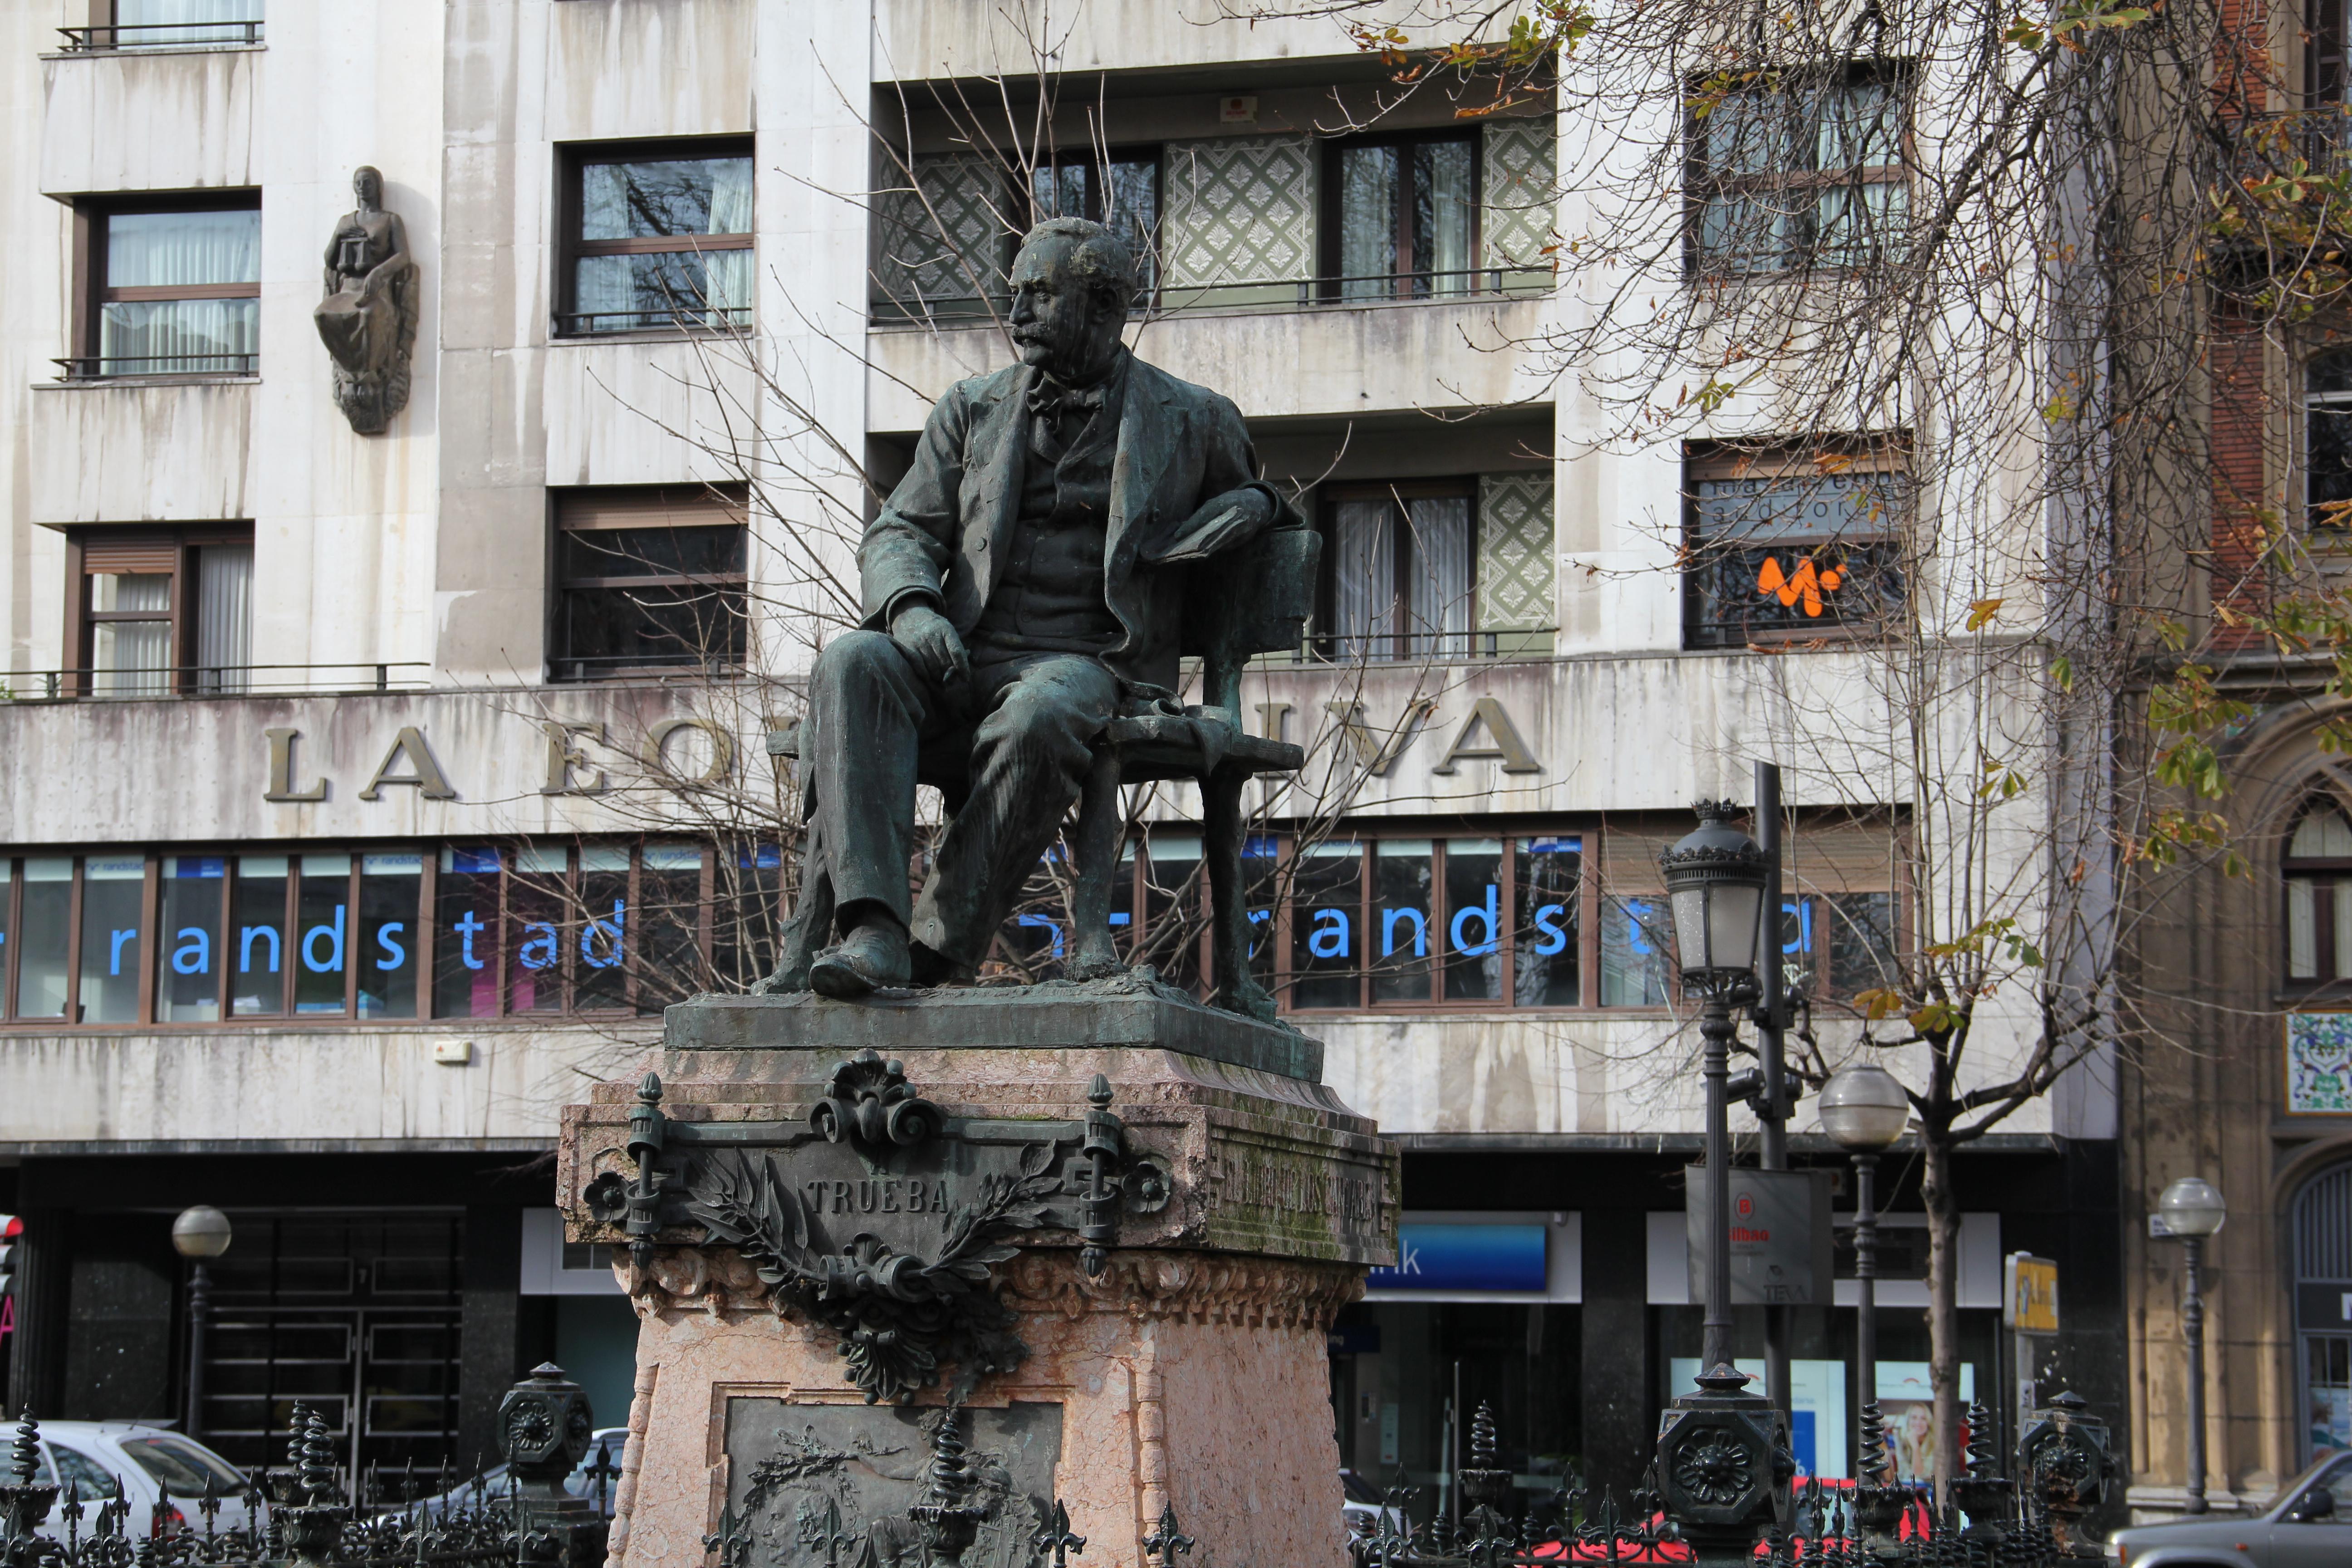 Conoces bien bilbao i el arte en la calle blog de for Calle jardines bilbao